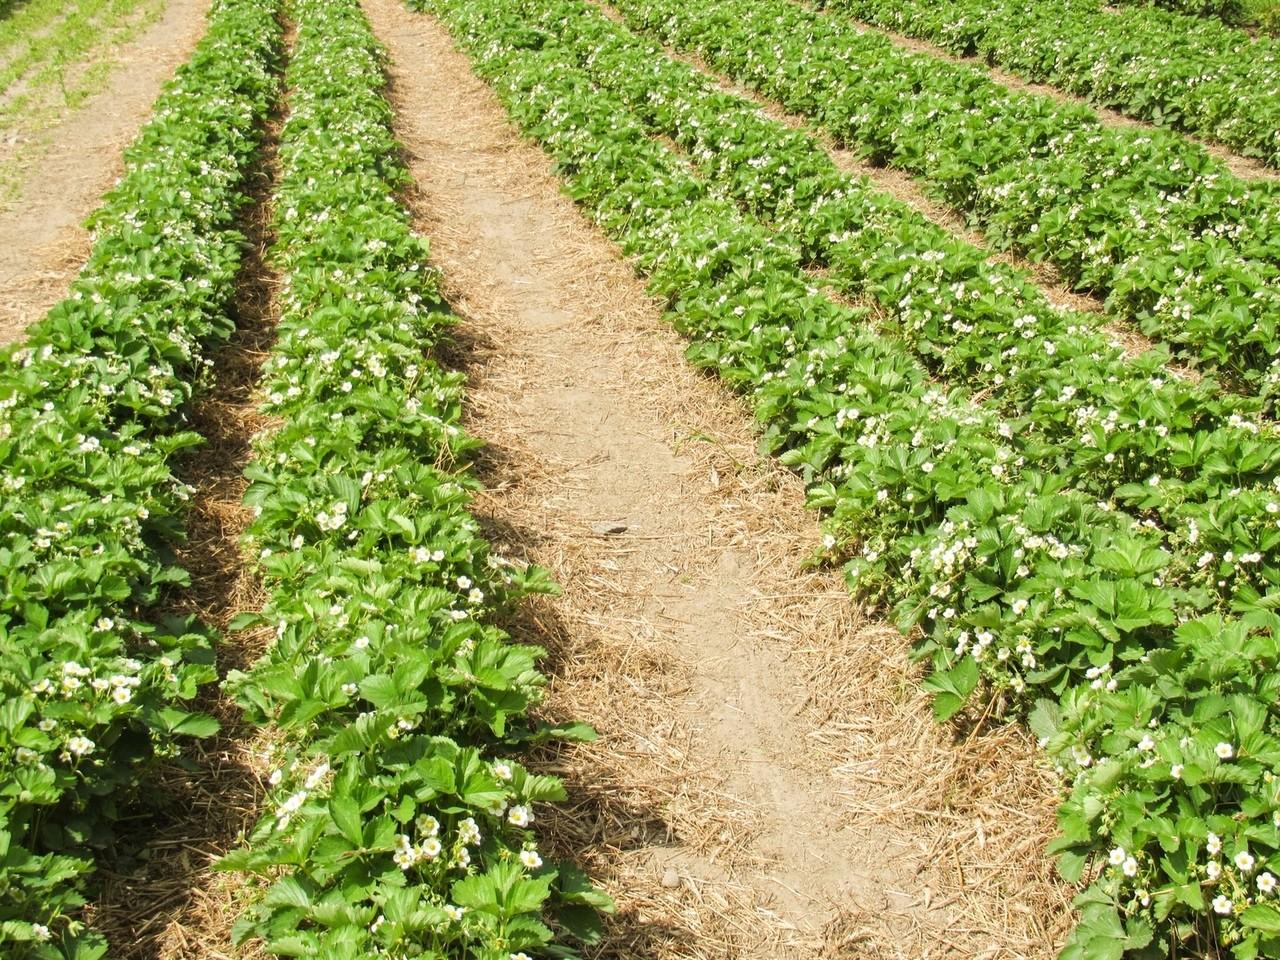 Współczesne czynniki zwiększające potencjał działalności rolniczej